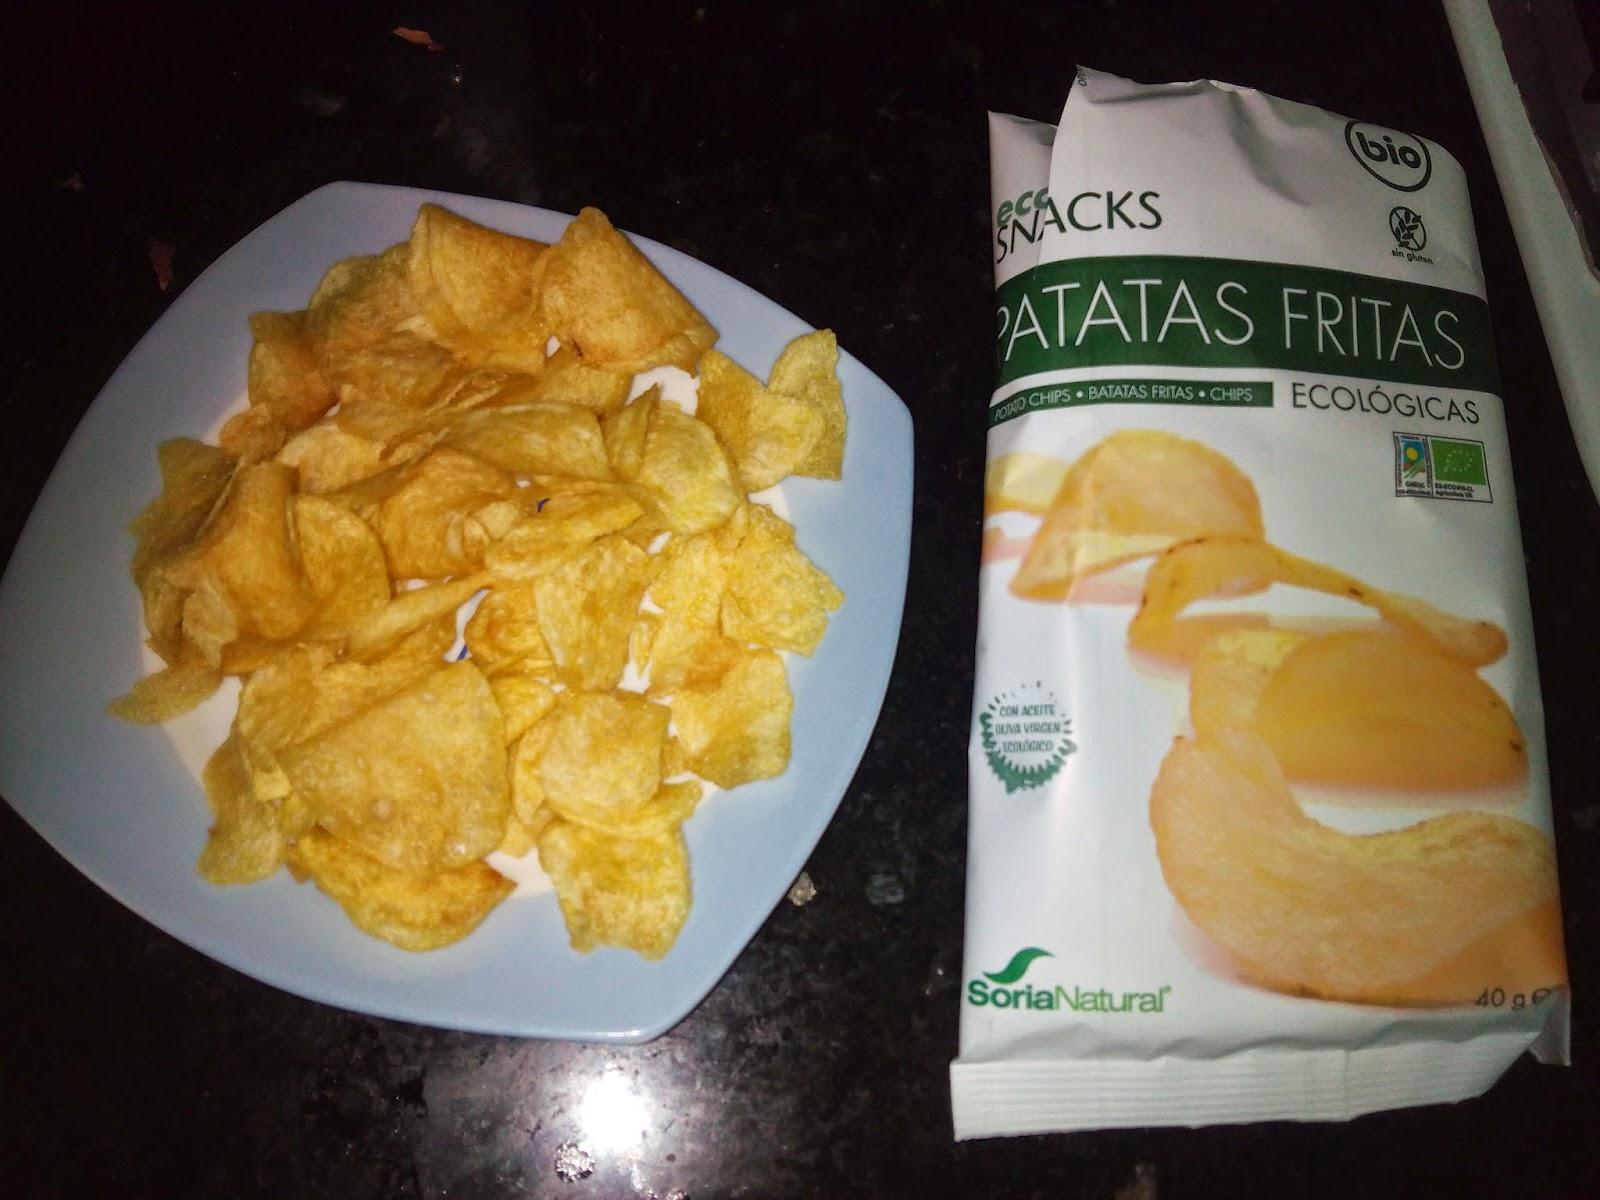 Patatas fritas Soria Natural